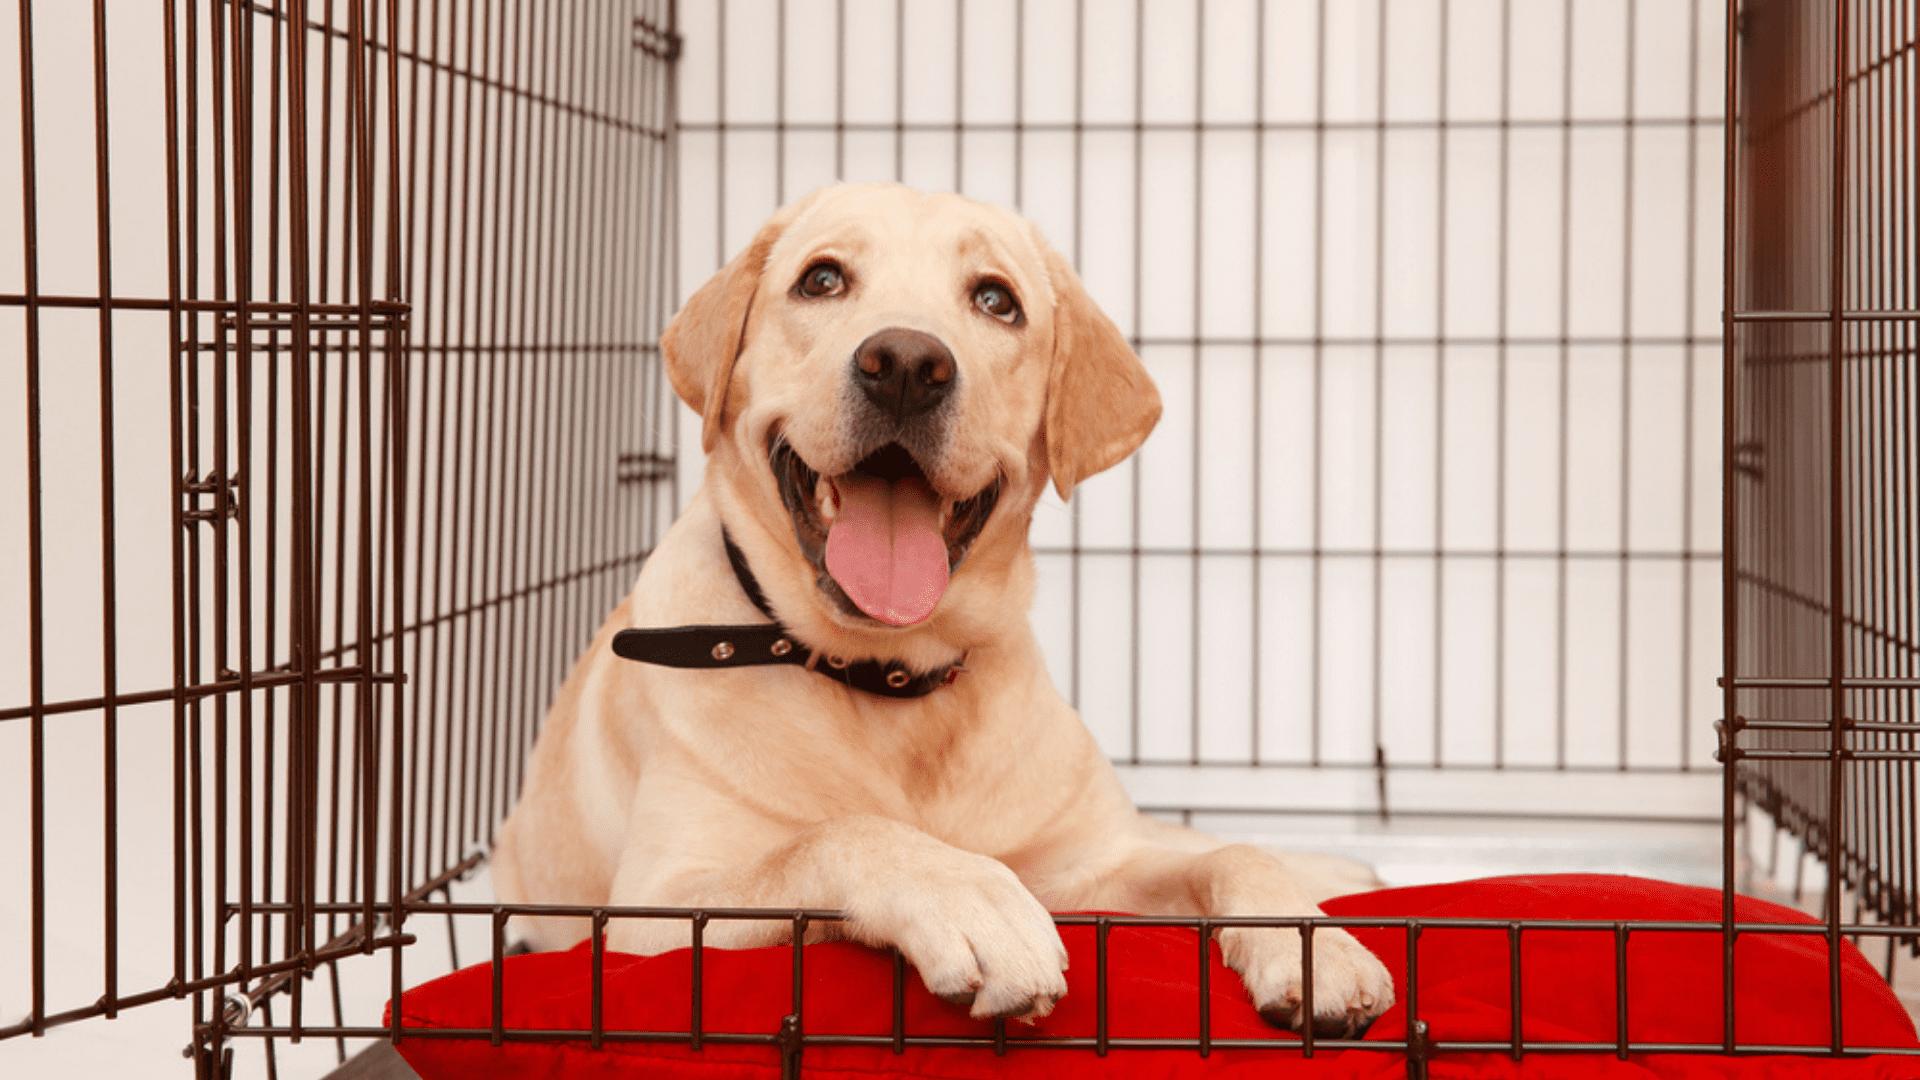 Veja para que serve e qual o melhor cercado para cachorro! (Imagem: Reprodução/Shutterstock)